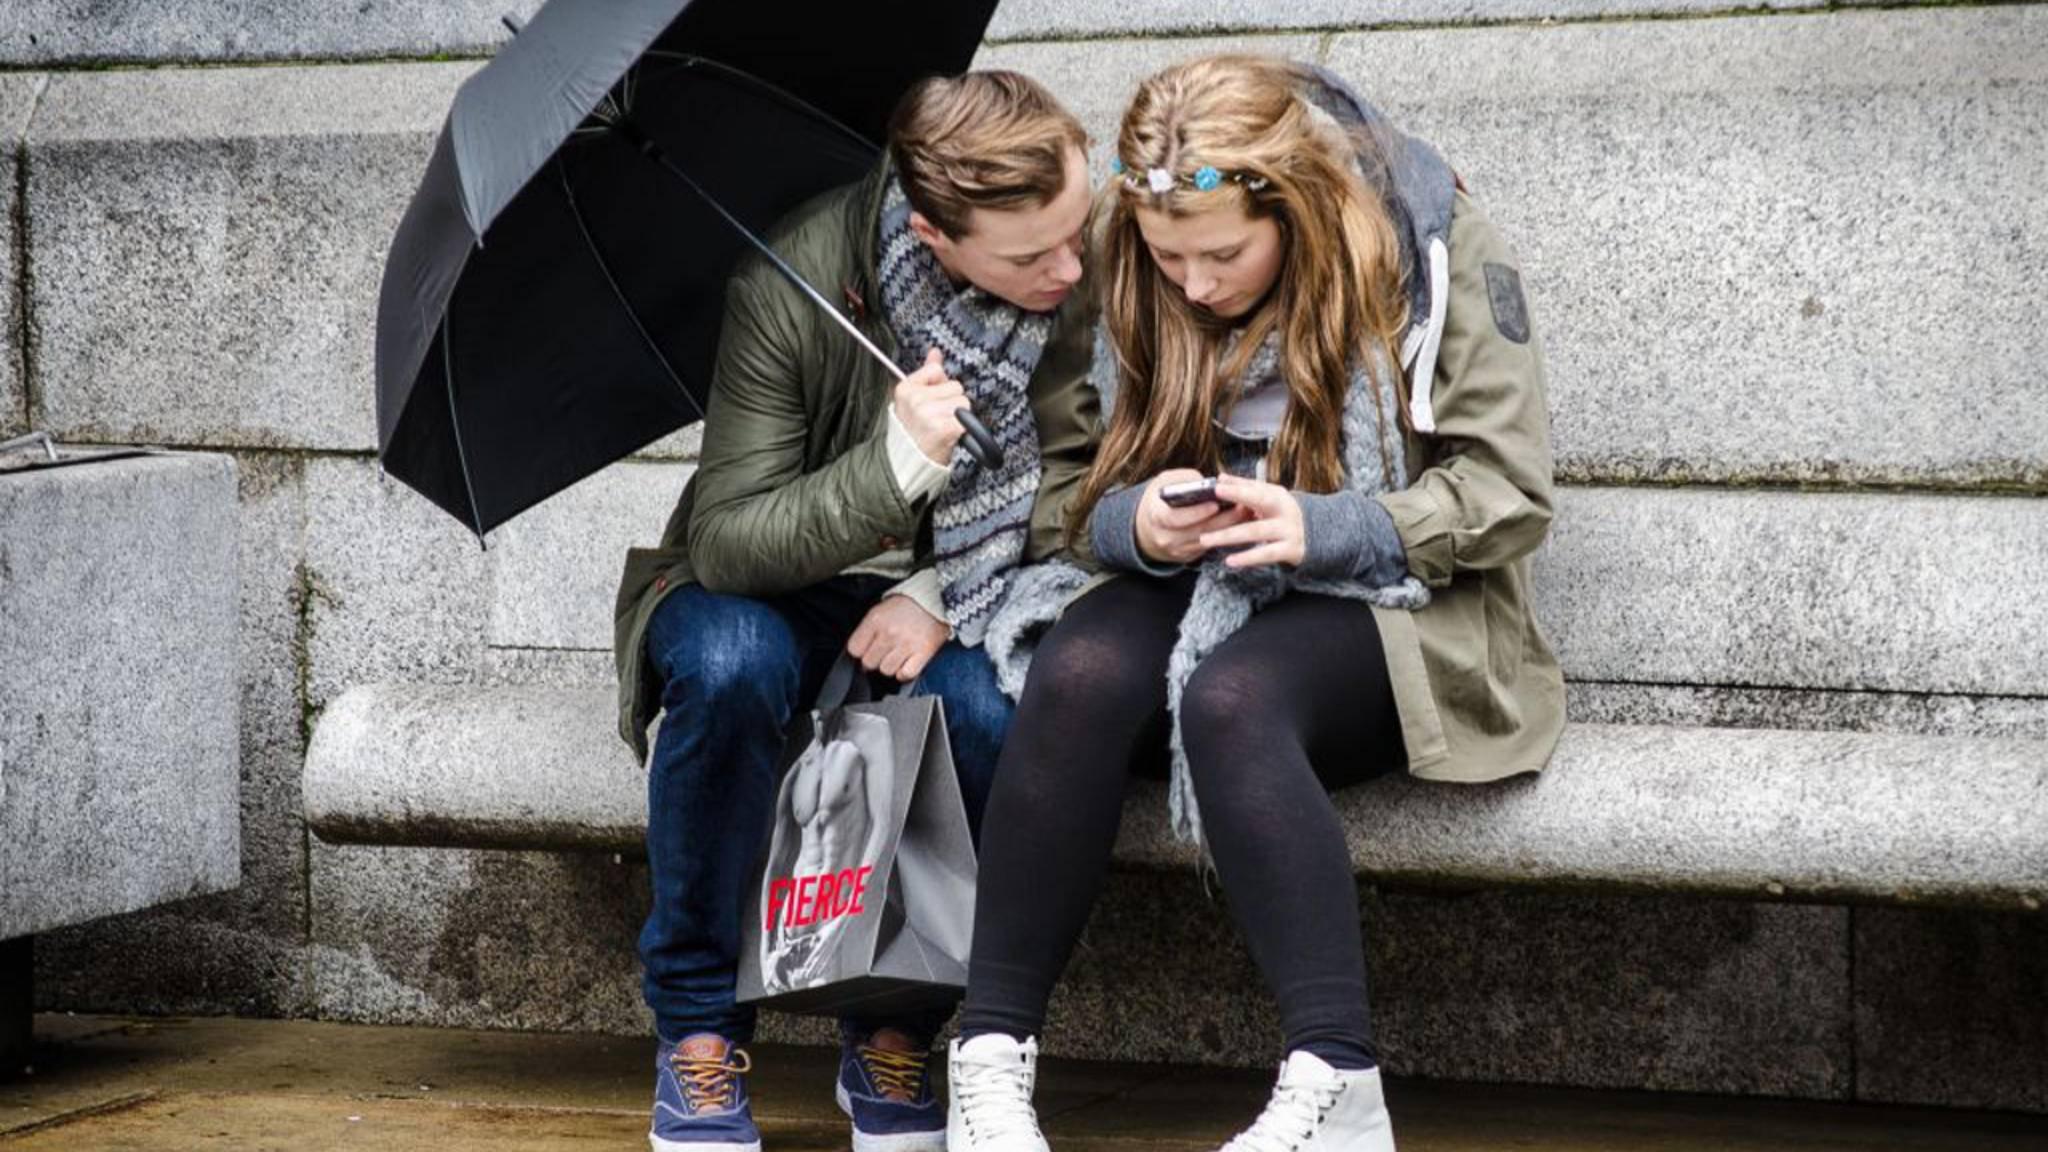 """""""Freunde kann man nicht kaufen, sie sind ein Geschenk"""" – zu jeder Gelegenheit gibt es den passenden WhatsApp-Status-Spruch."""